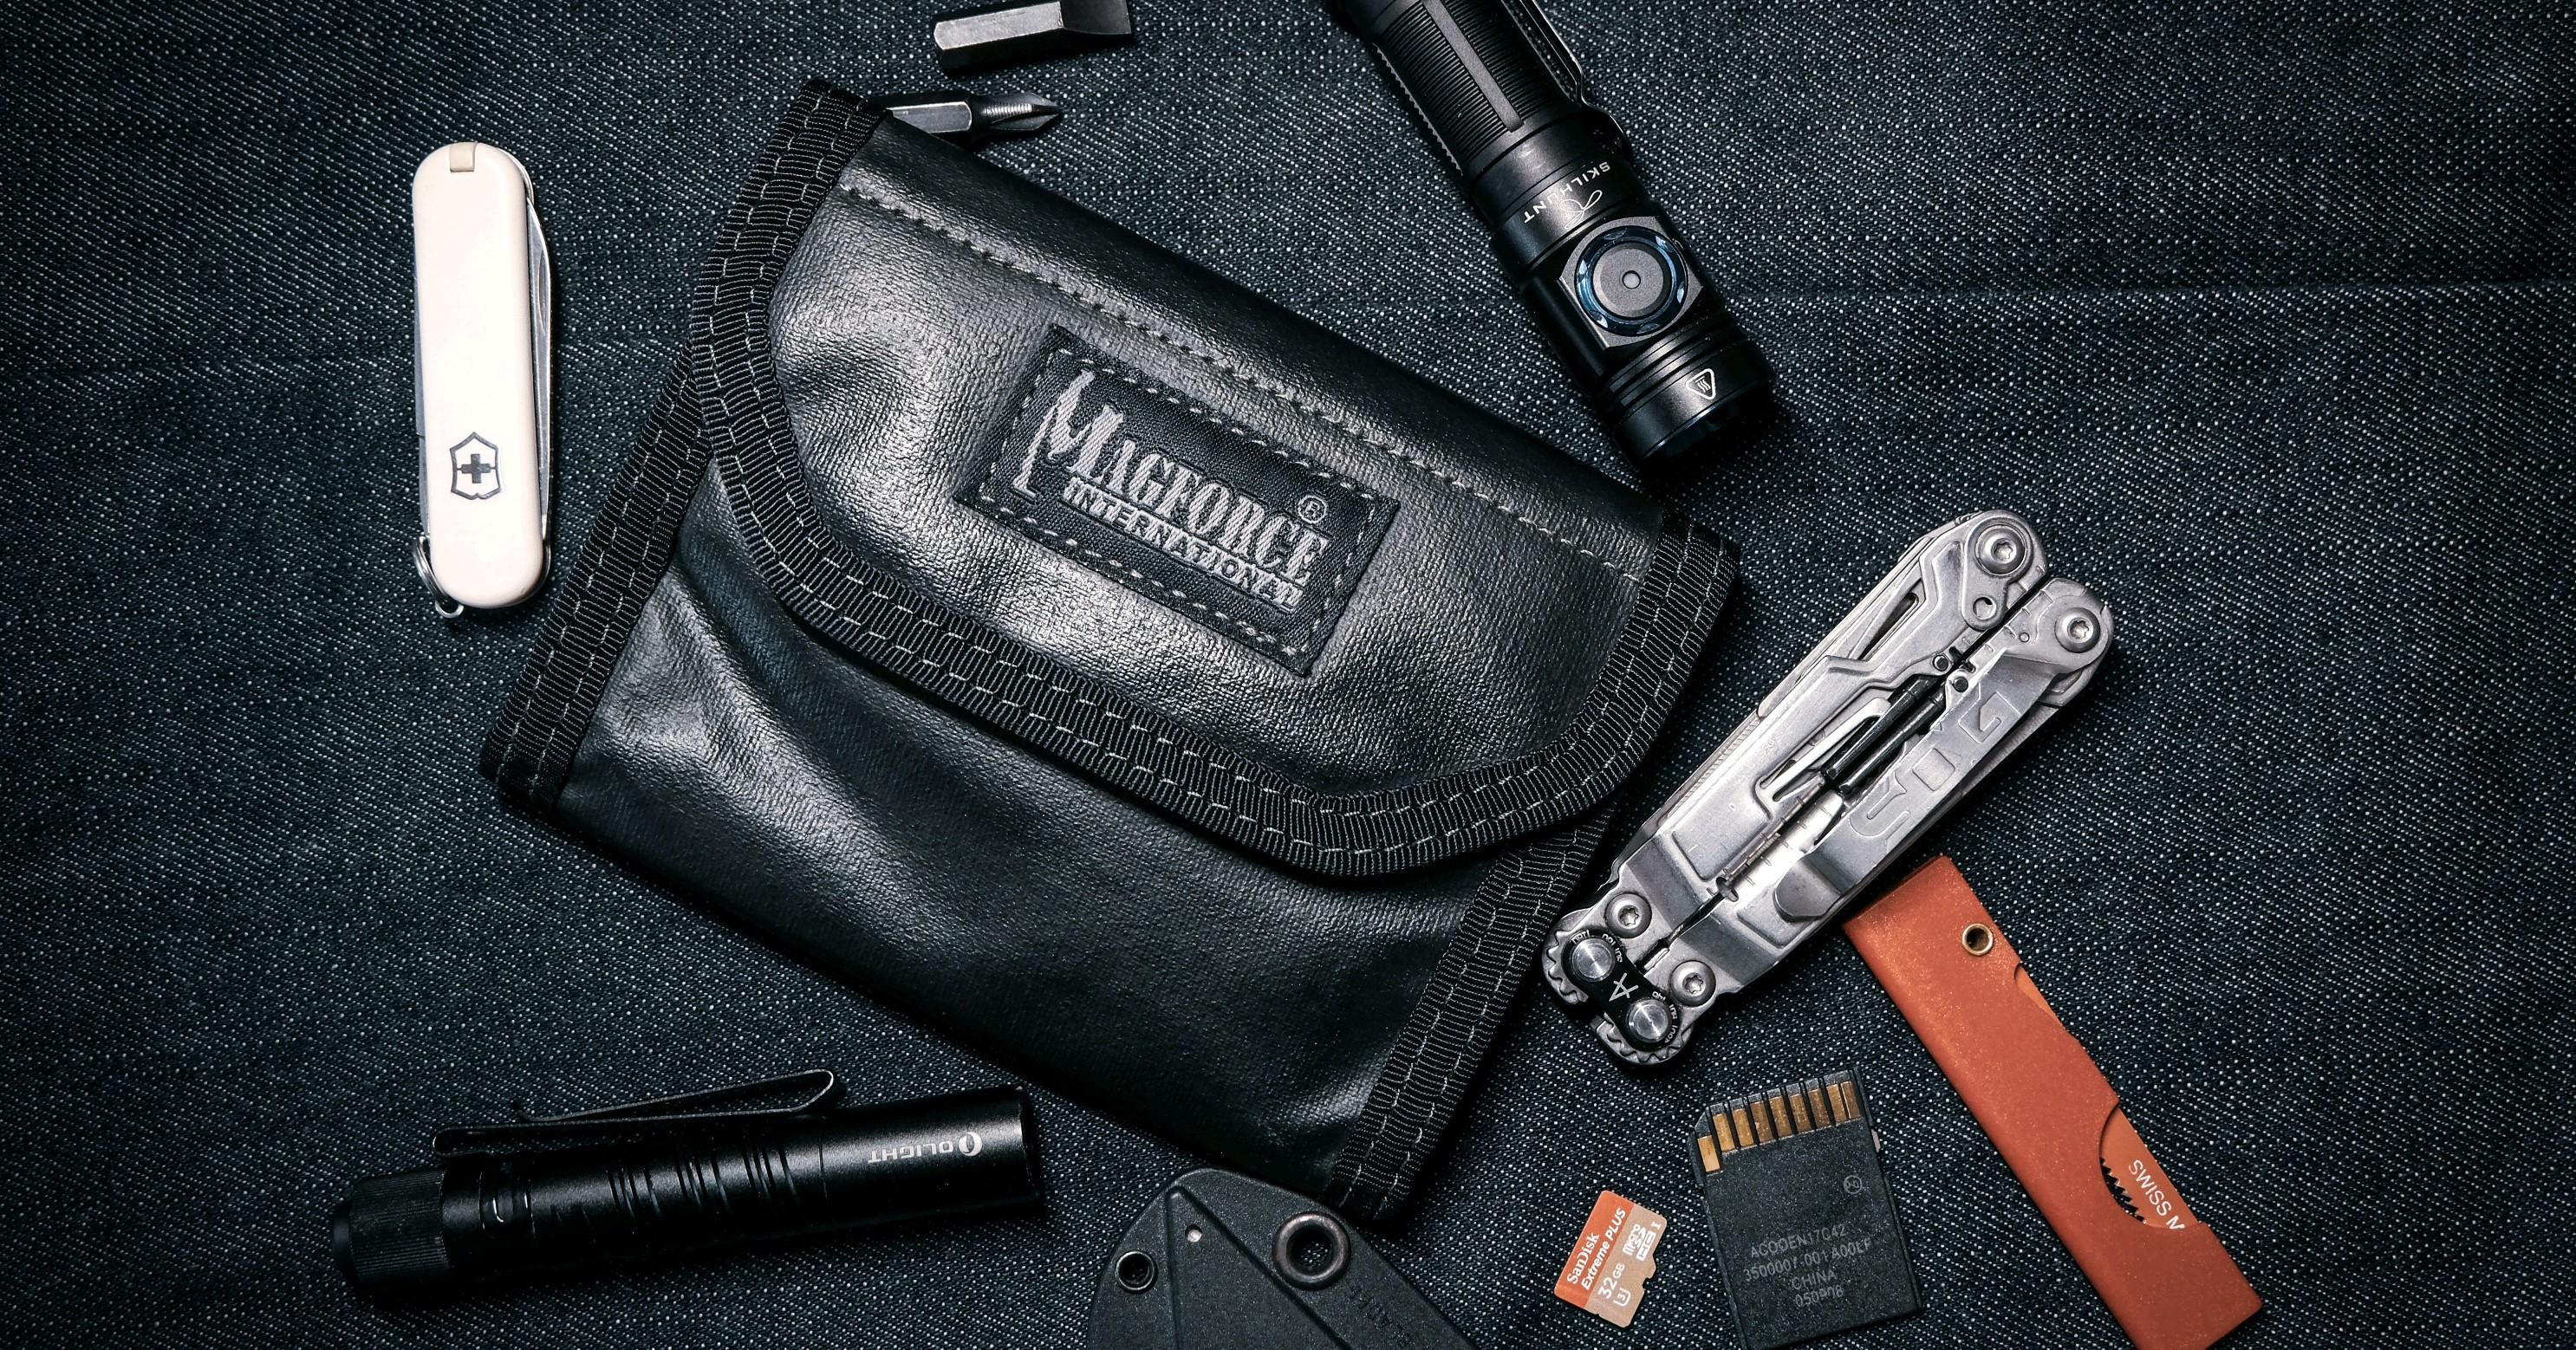 直男也精致-麦格霍斯0269 EDC-1 黑胶钱包测评